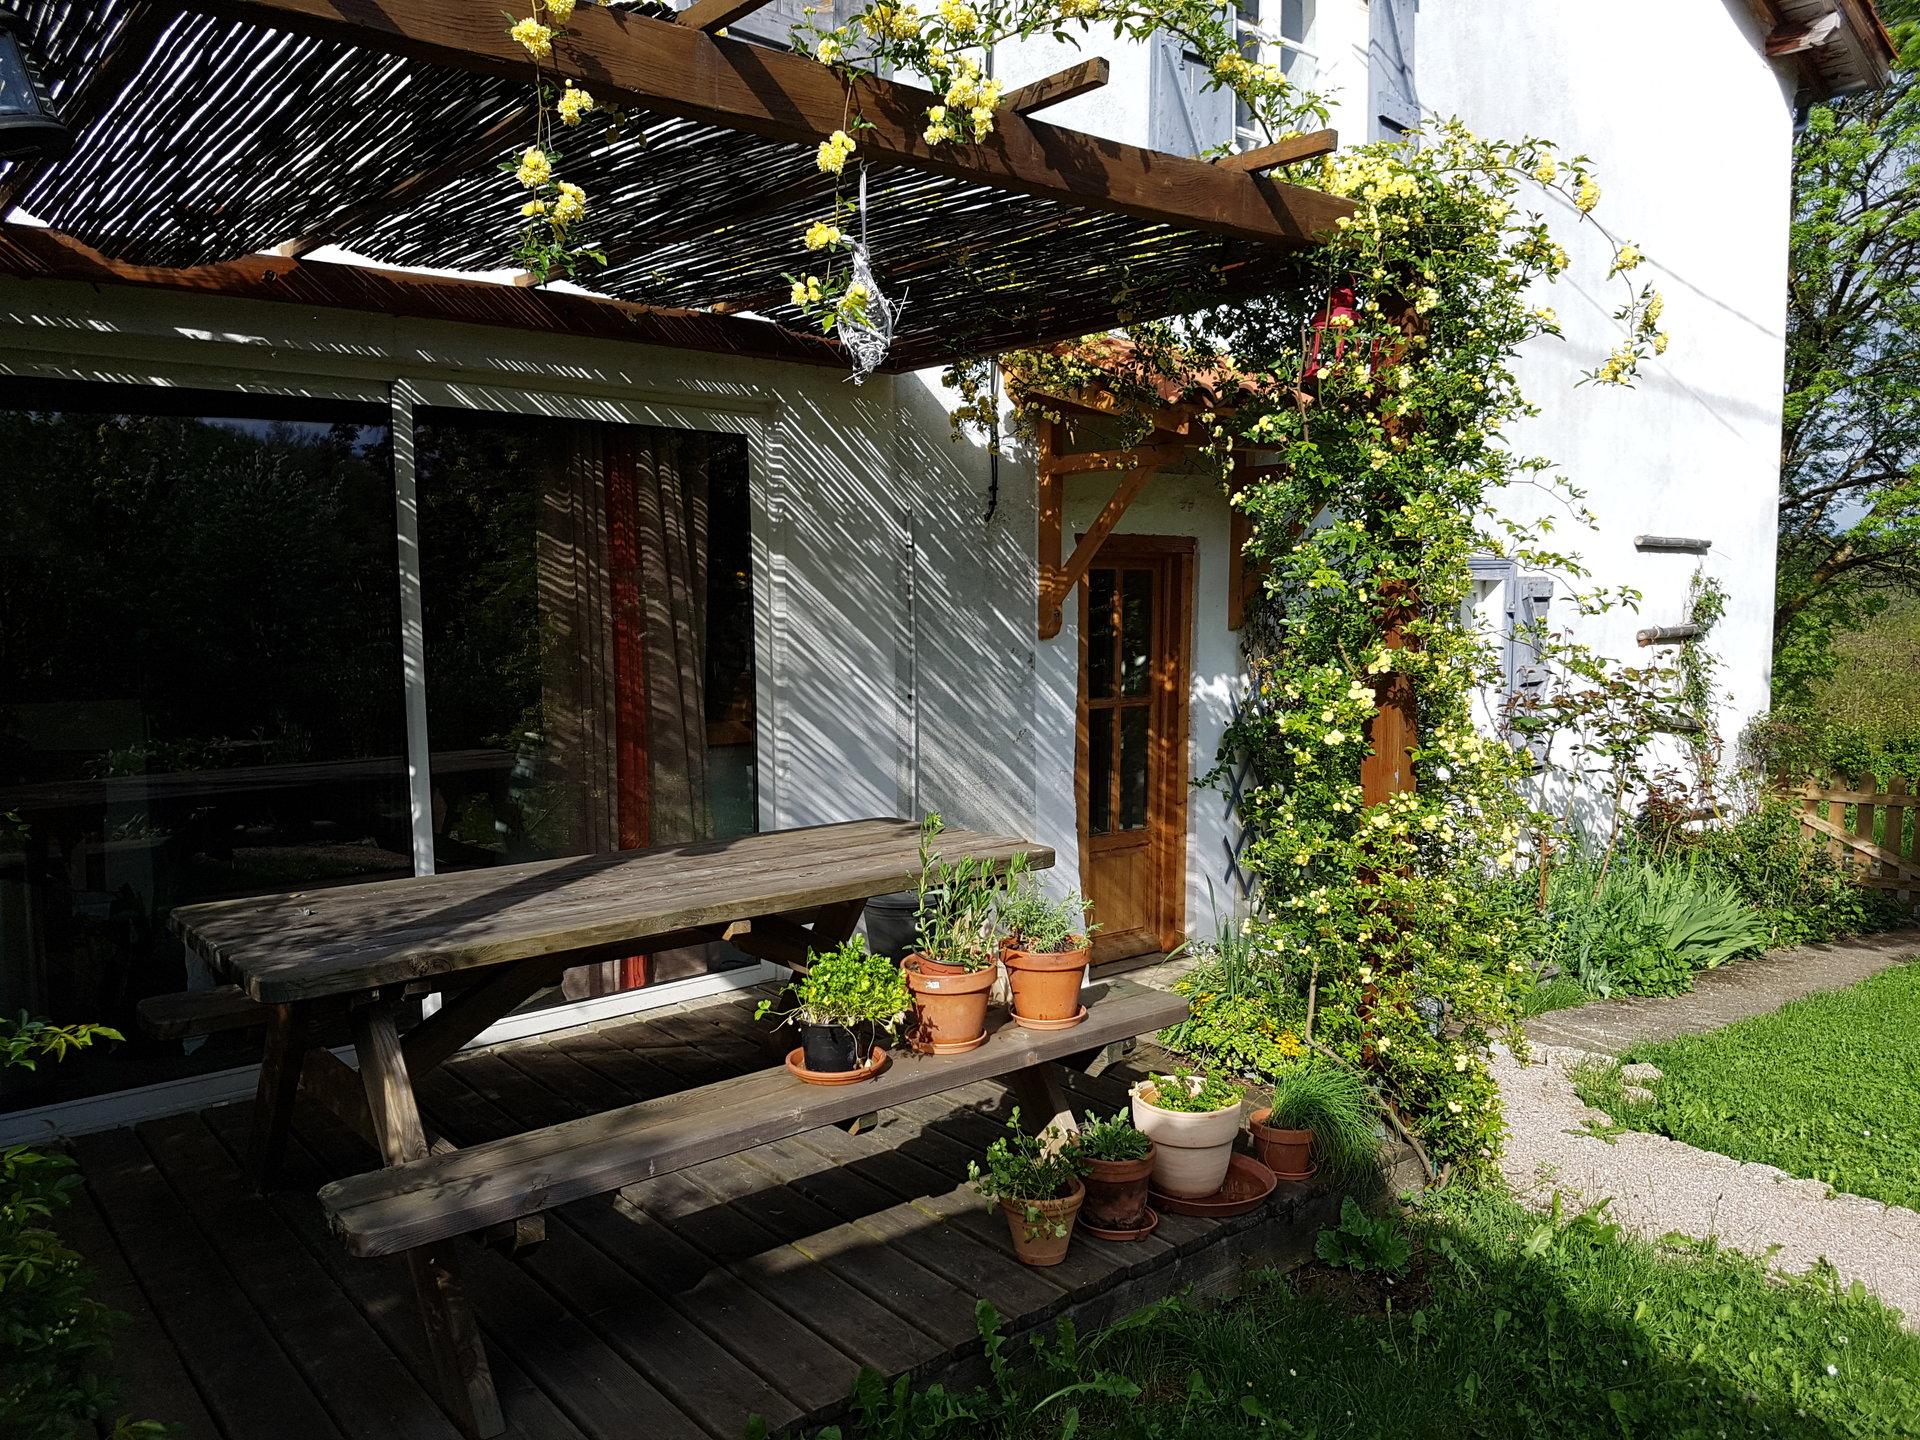 Charmante maison, rénovée avec goût et son jardin attenant